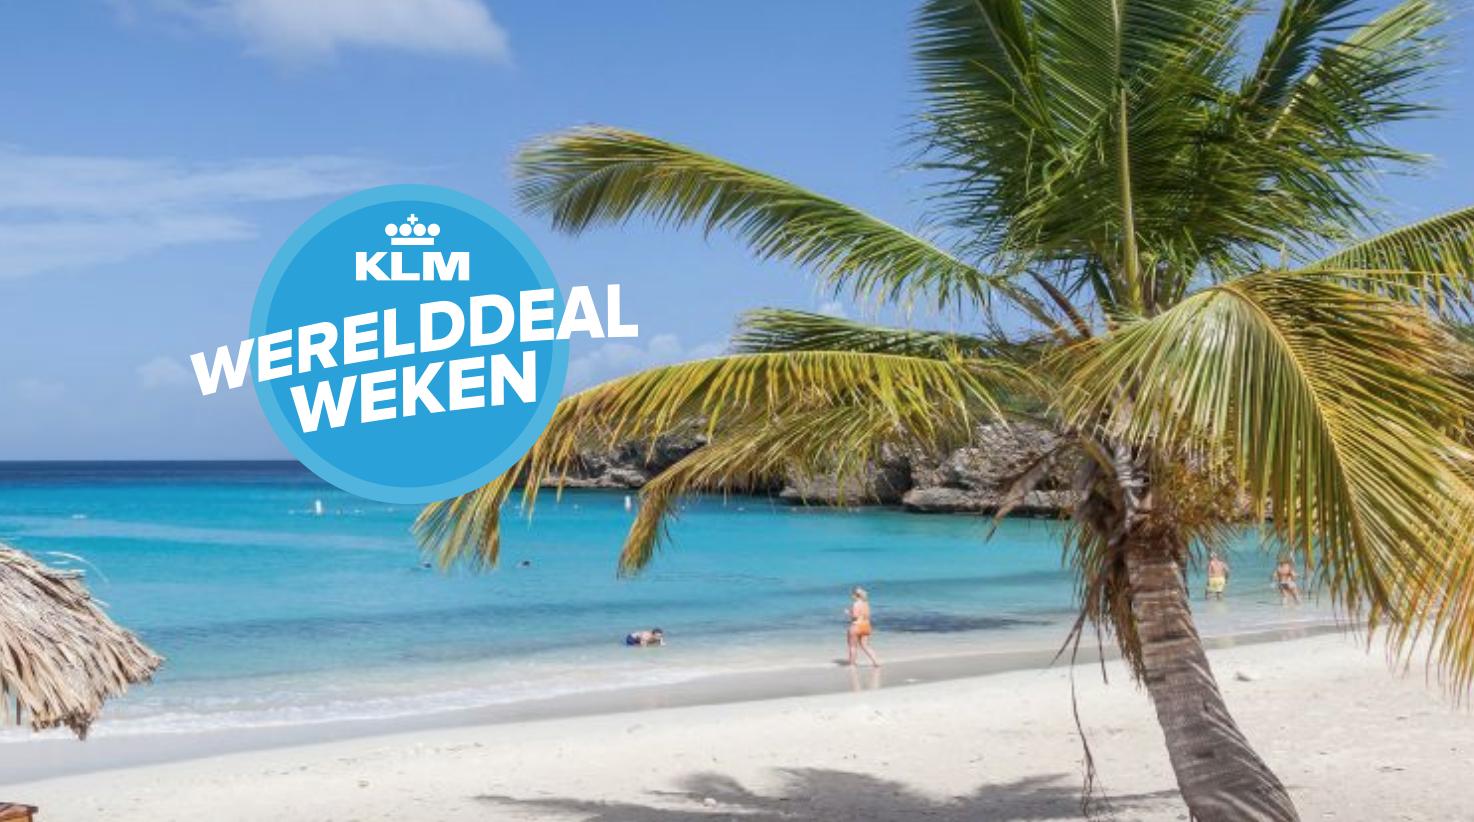 KLM Wereld Deal Dagen 2018 Bekend !!!